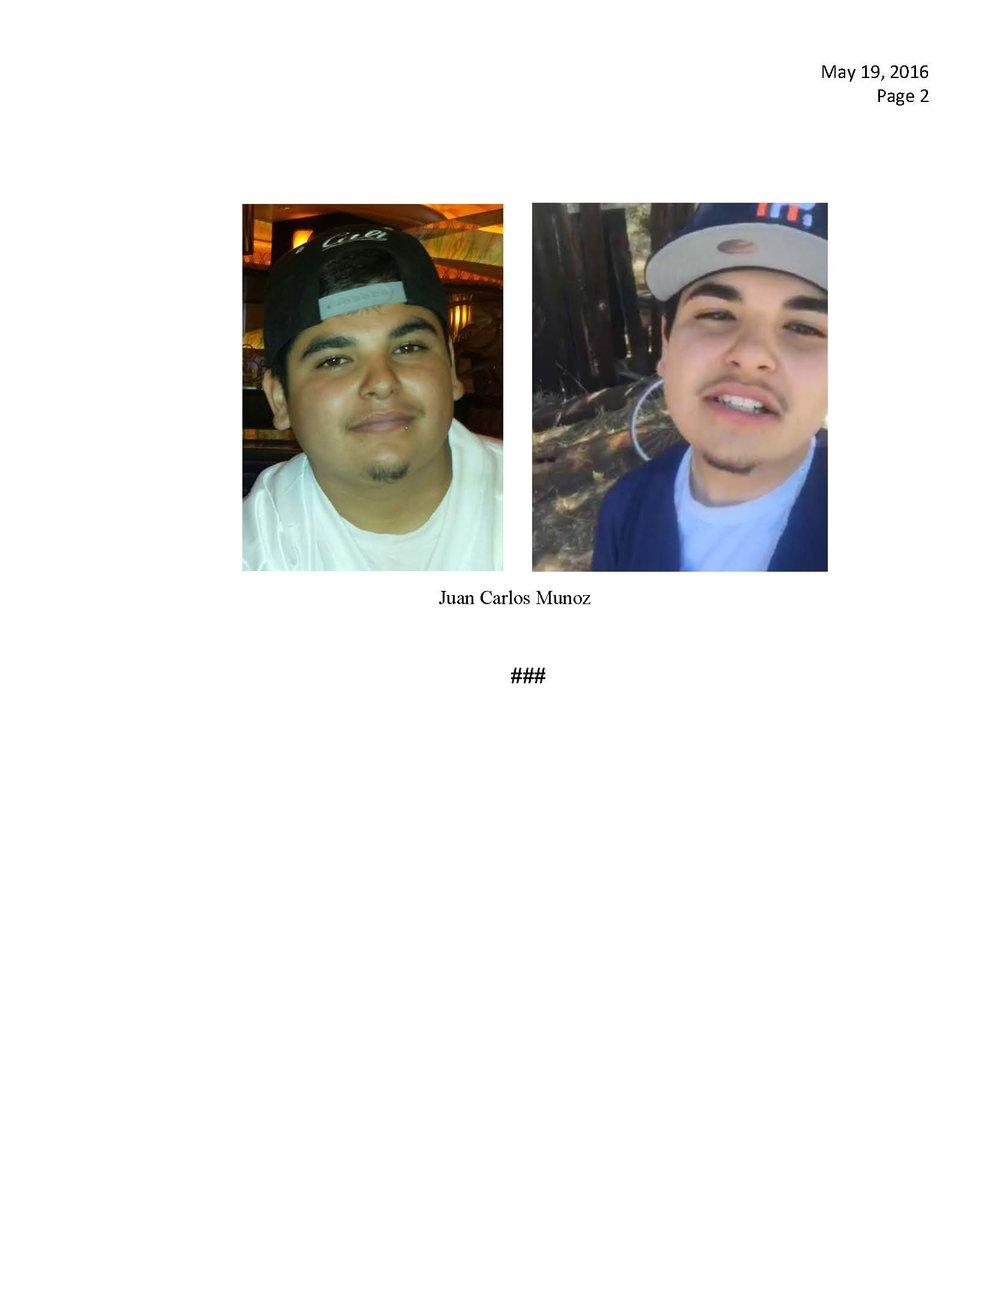 051916 Juan Carlos Munoz Homicide_Page_2